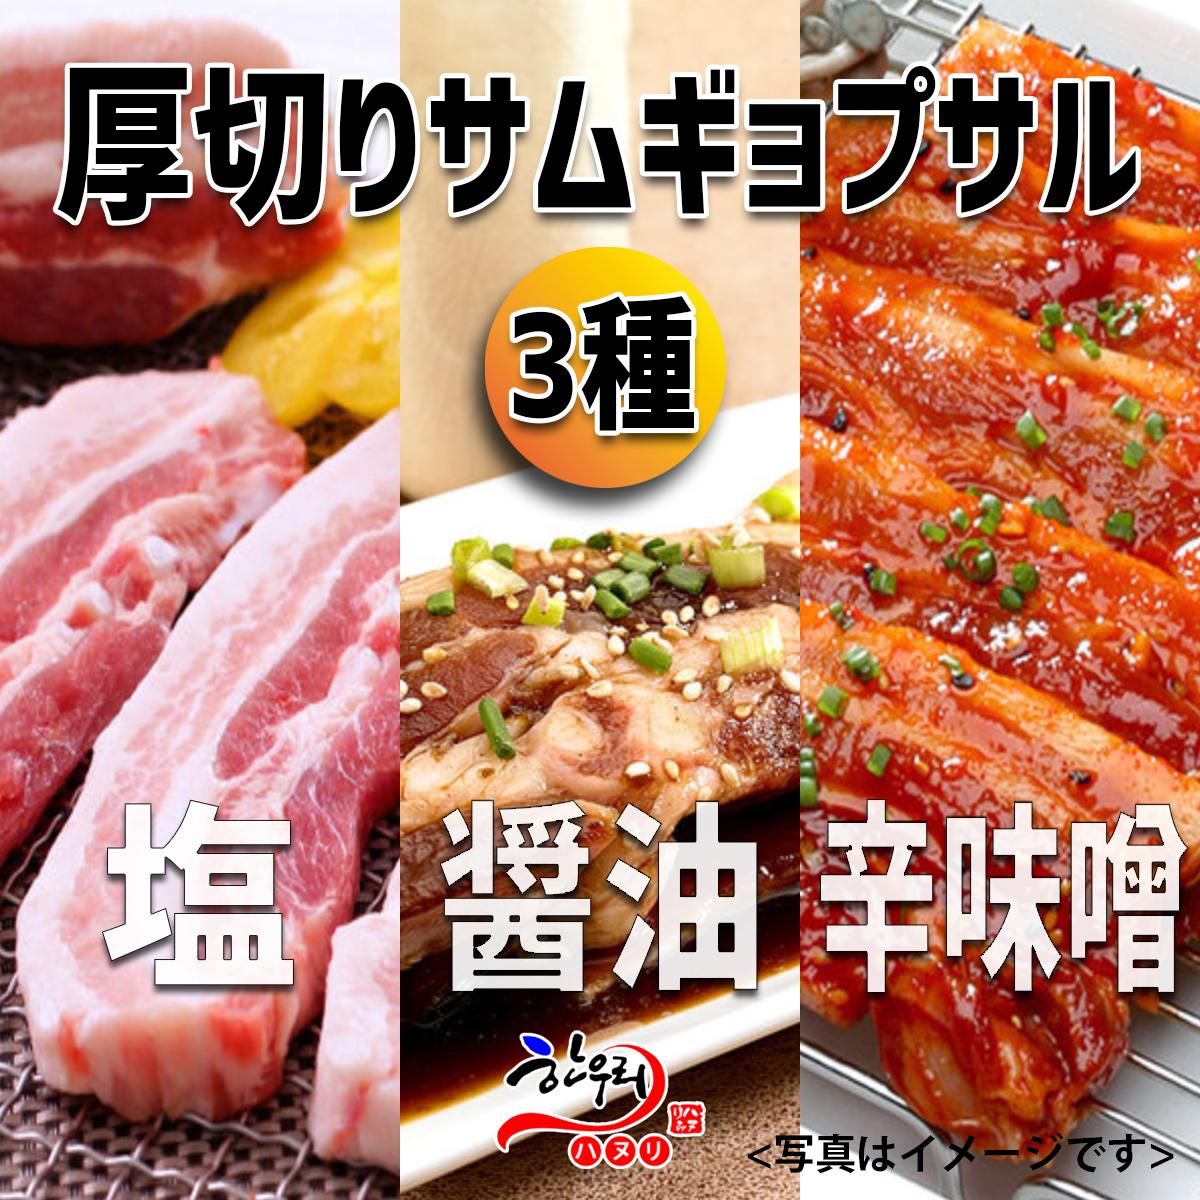 冷東 スーパーセール お洒落 韓国伝統料理ハヌリ 好きな味のサムギョプサルを選べる サービスも1種付く 豚肉フェス サービス1種付き 厚切りサムギョプサル3種3枚セット